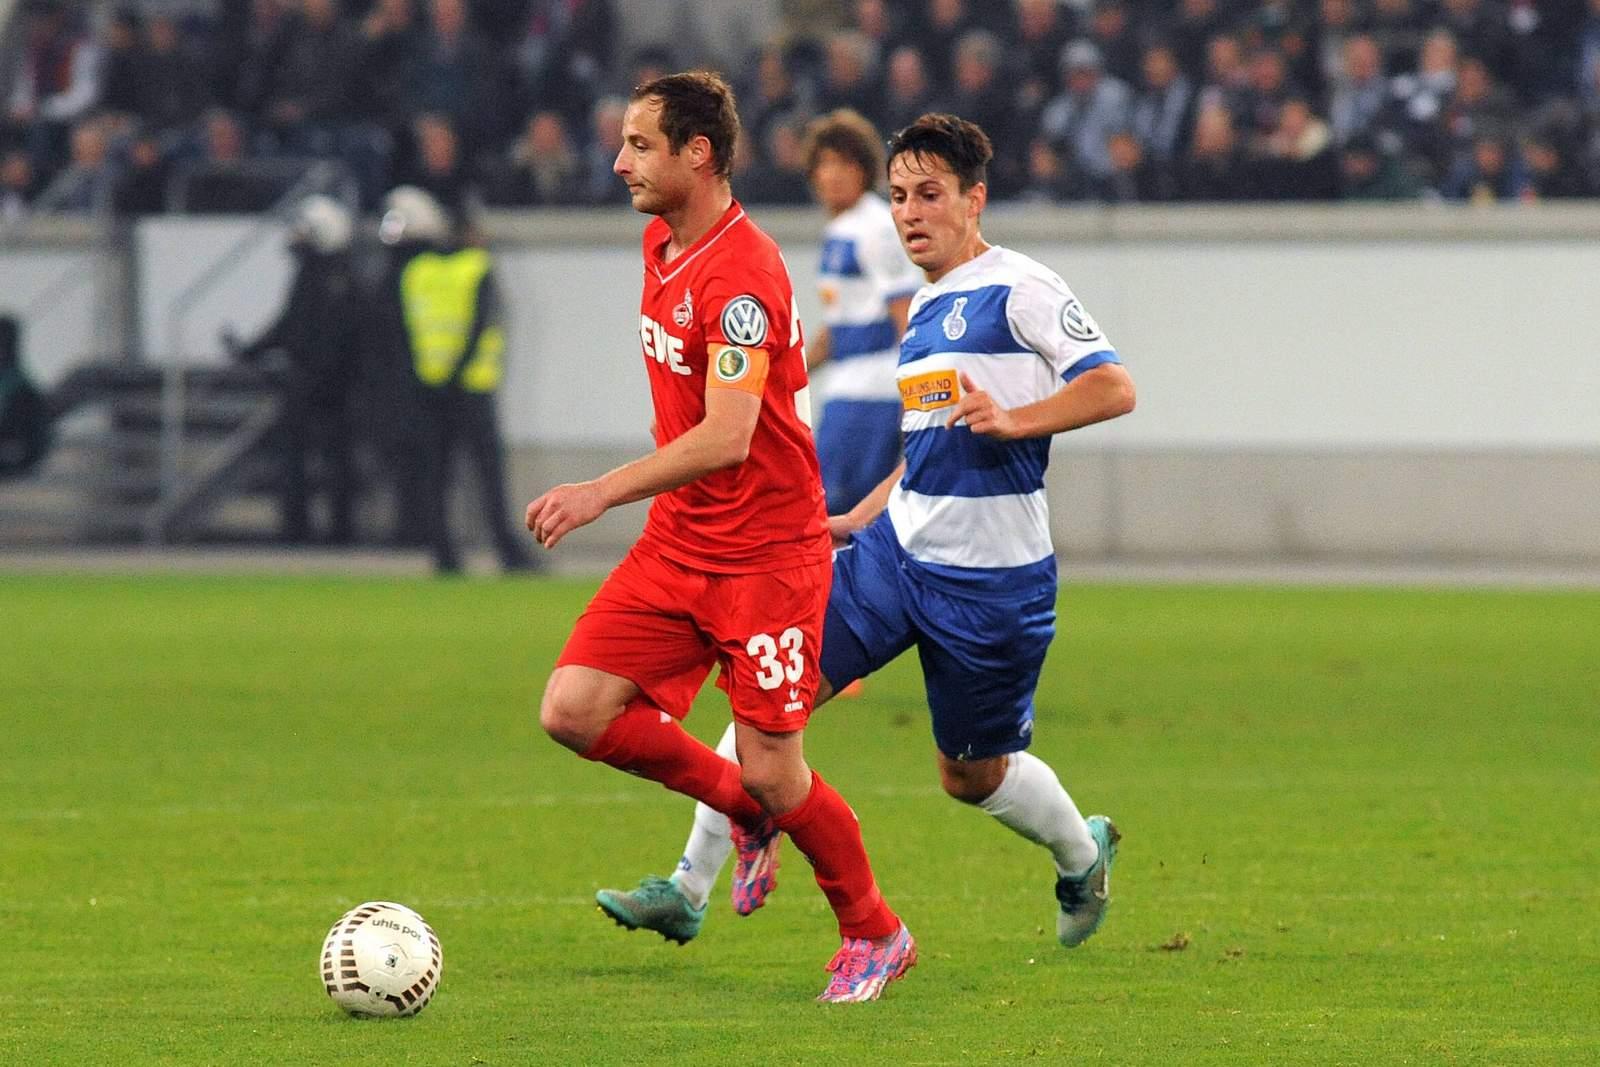 Lässt Matthias Lehmann Fabian Schnellhardt stehen? Jetzt auf Köln gegen Duisburg wetten.